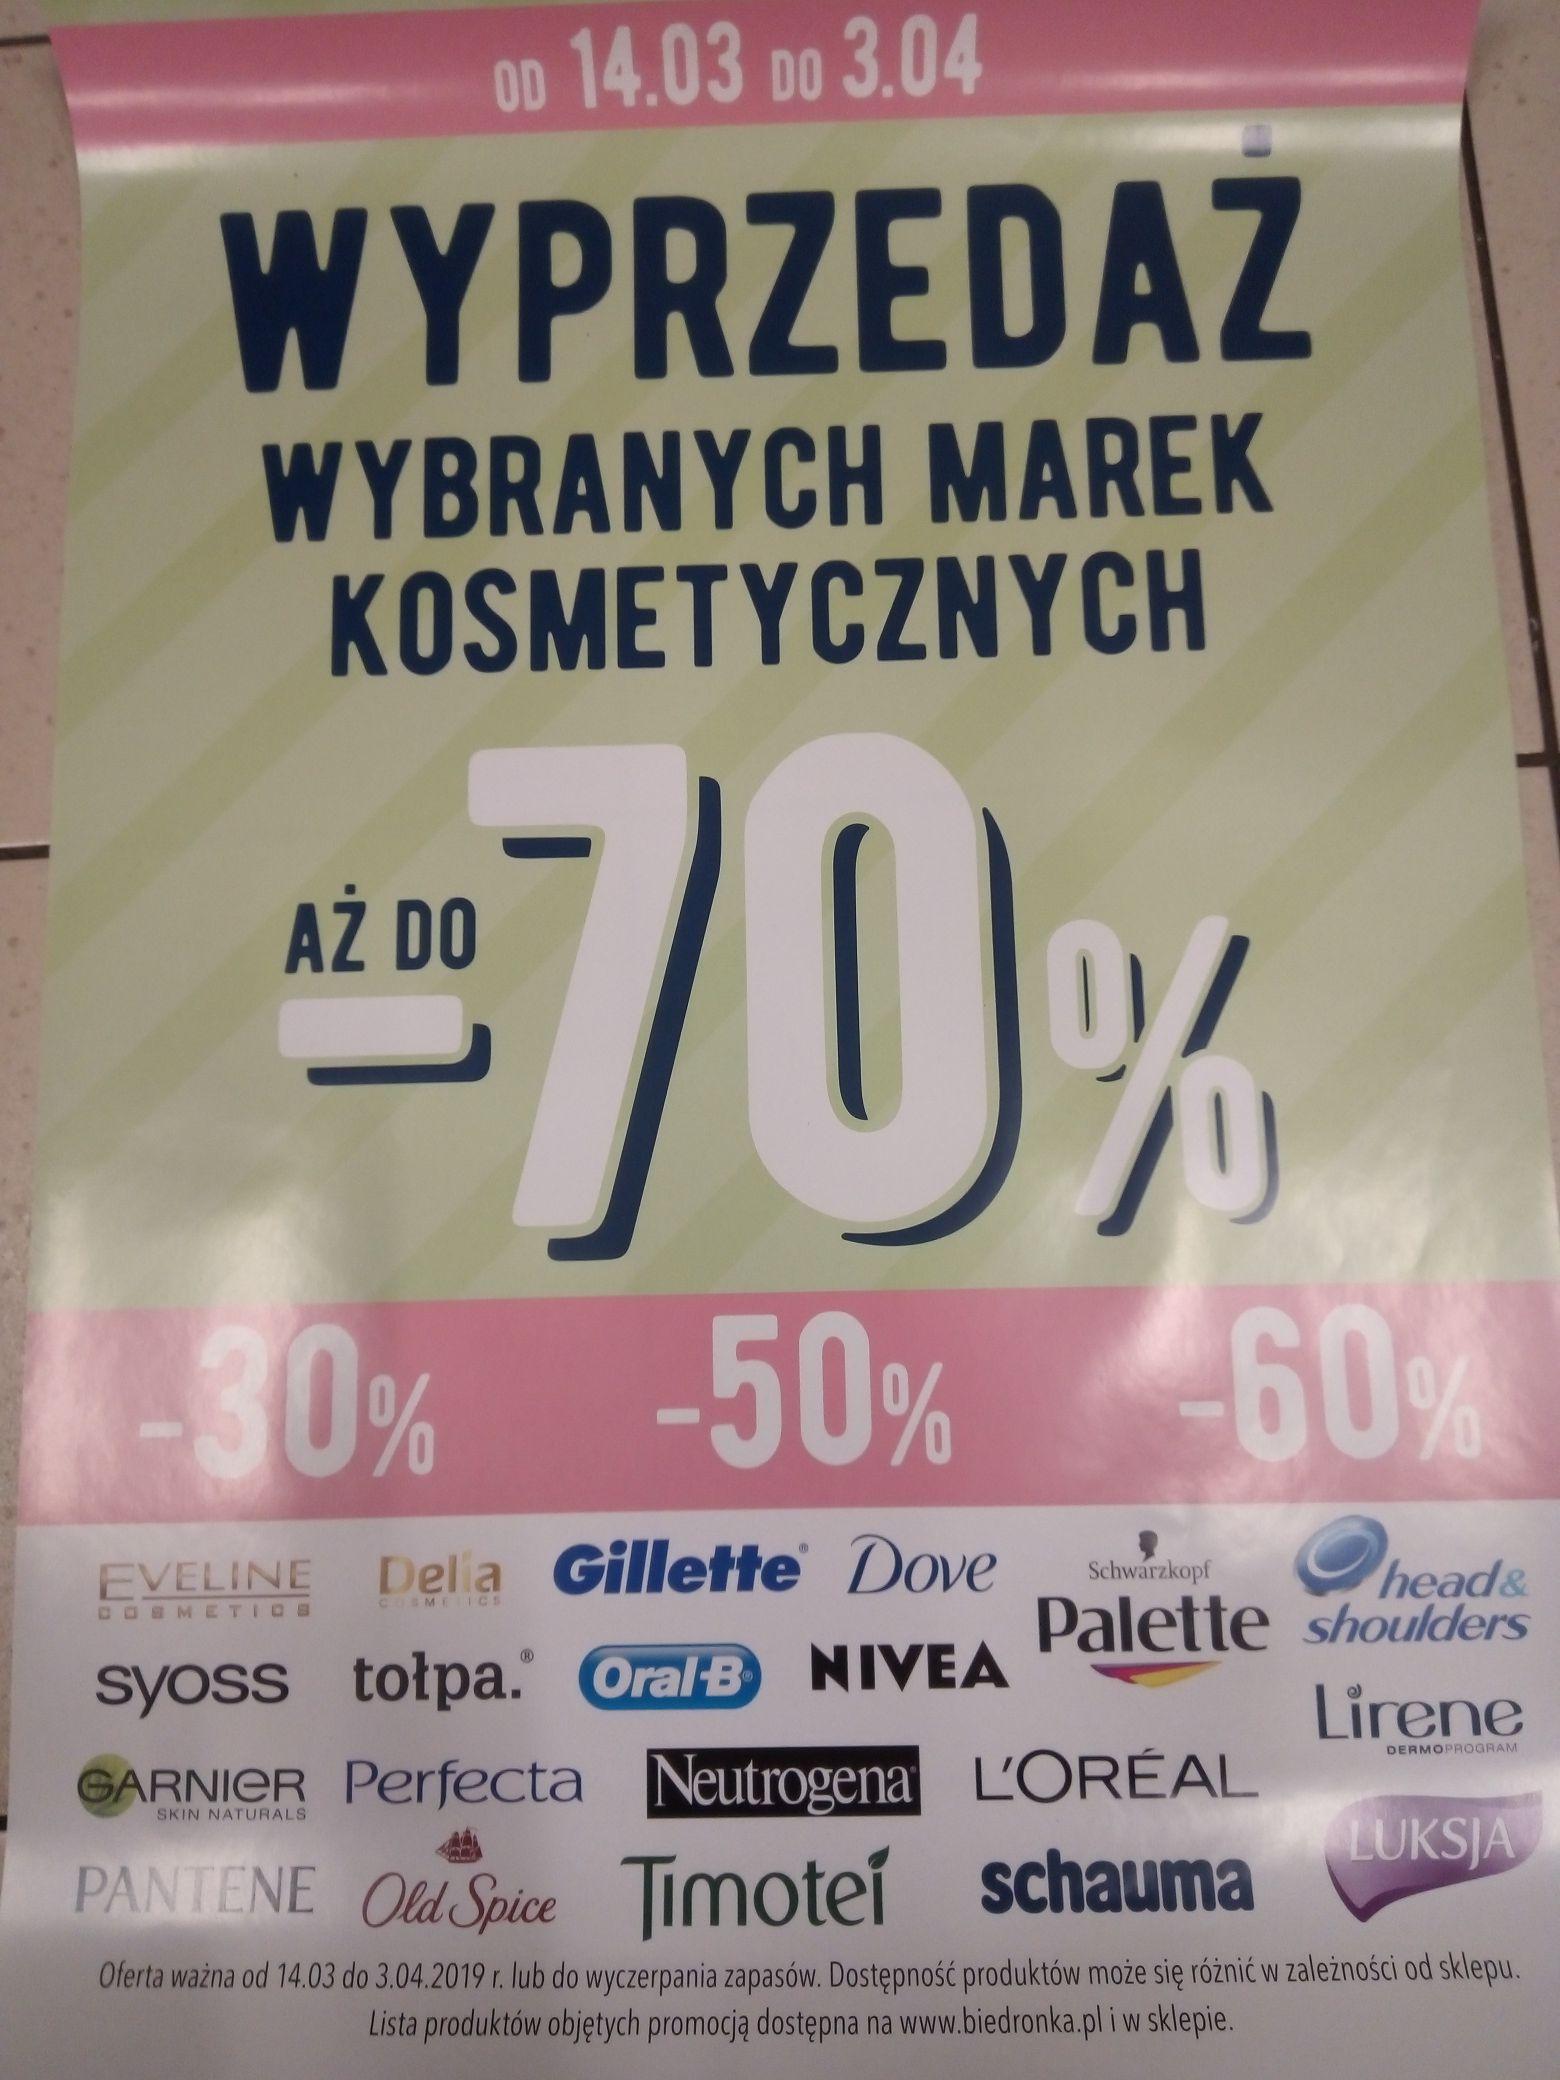 Wyprzedaż wybranych marek kosmetycznych aż do -70%.  @Biedronka